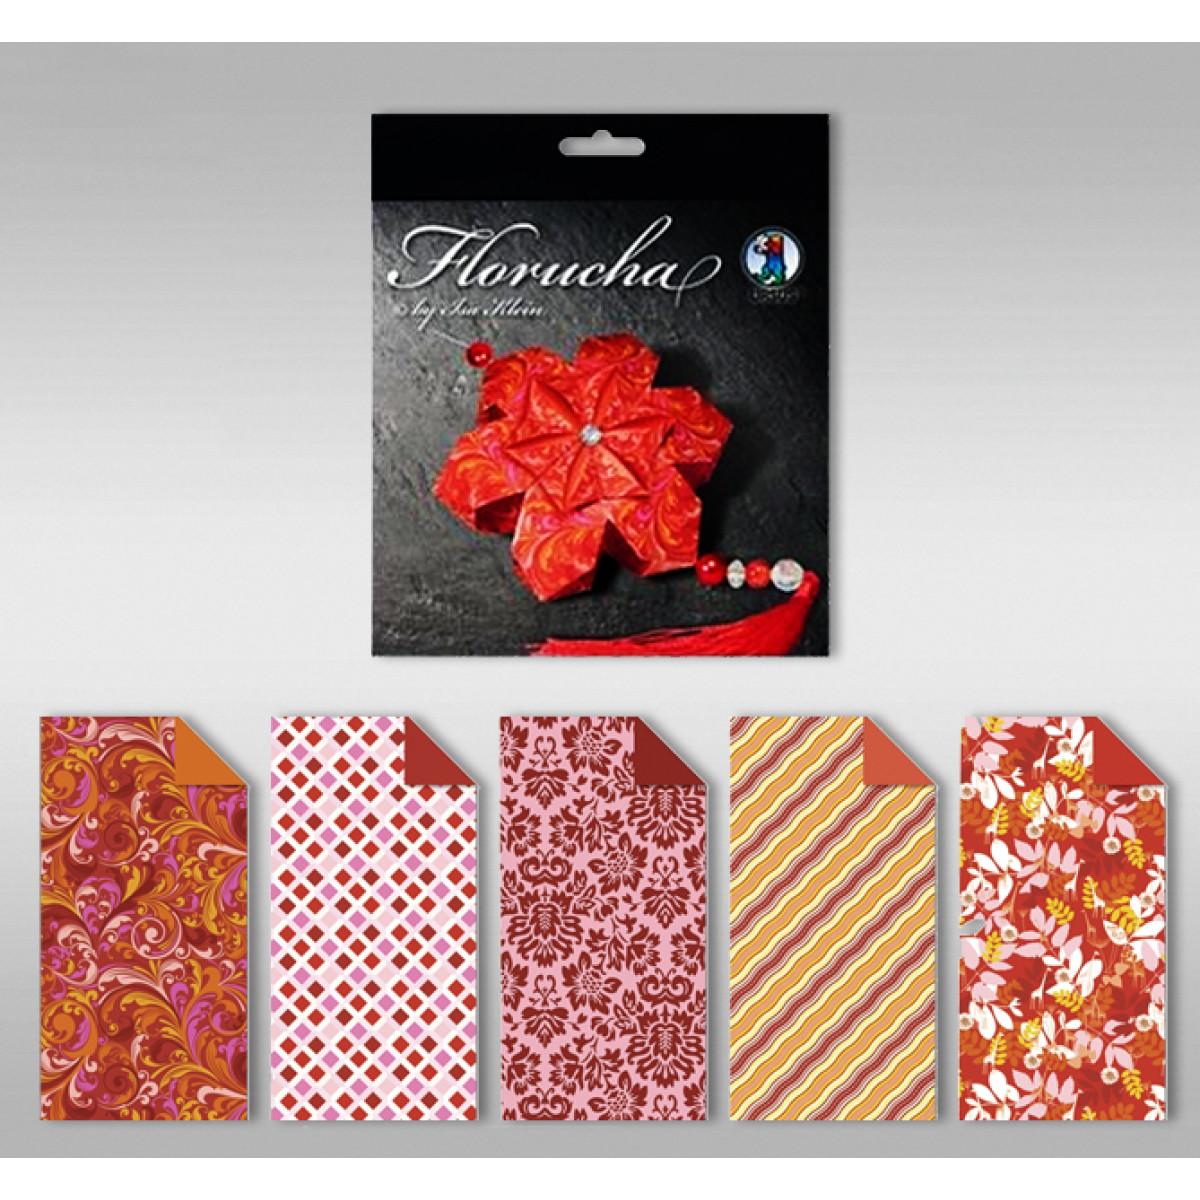 """Florucha """"Ruby"""" 80 g/qm 5 Designs"""